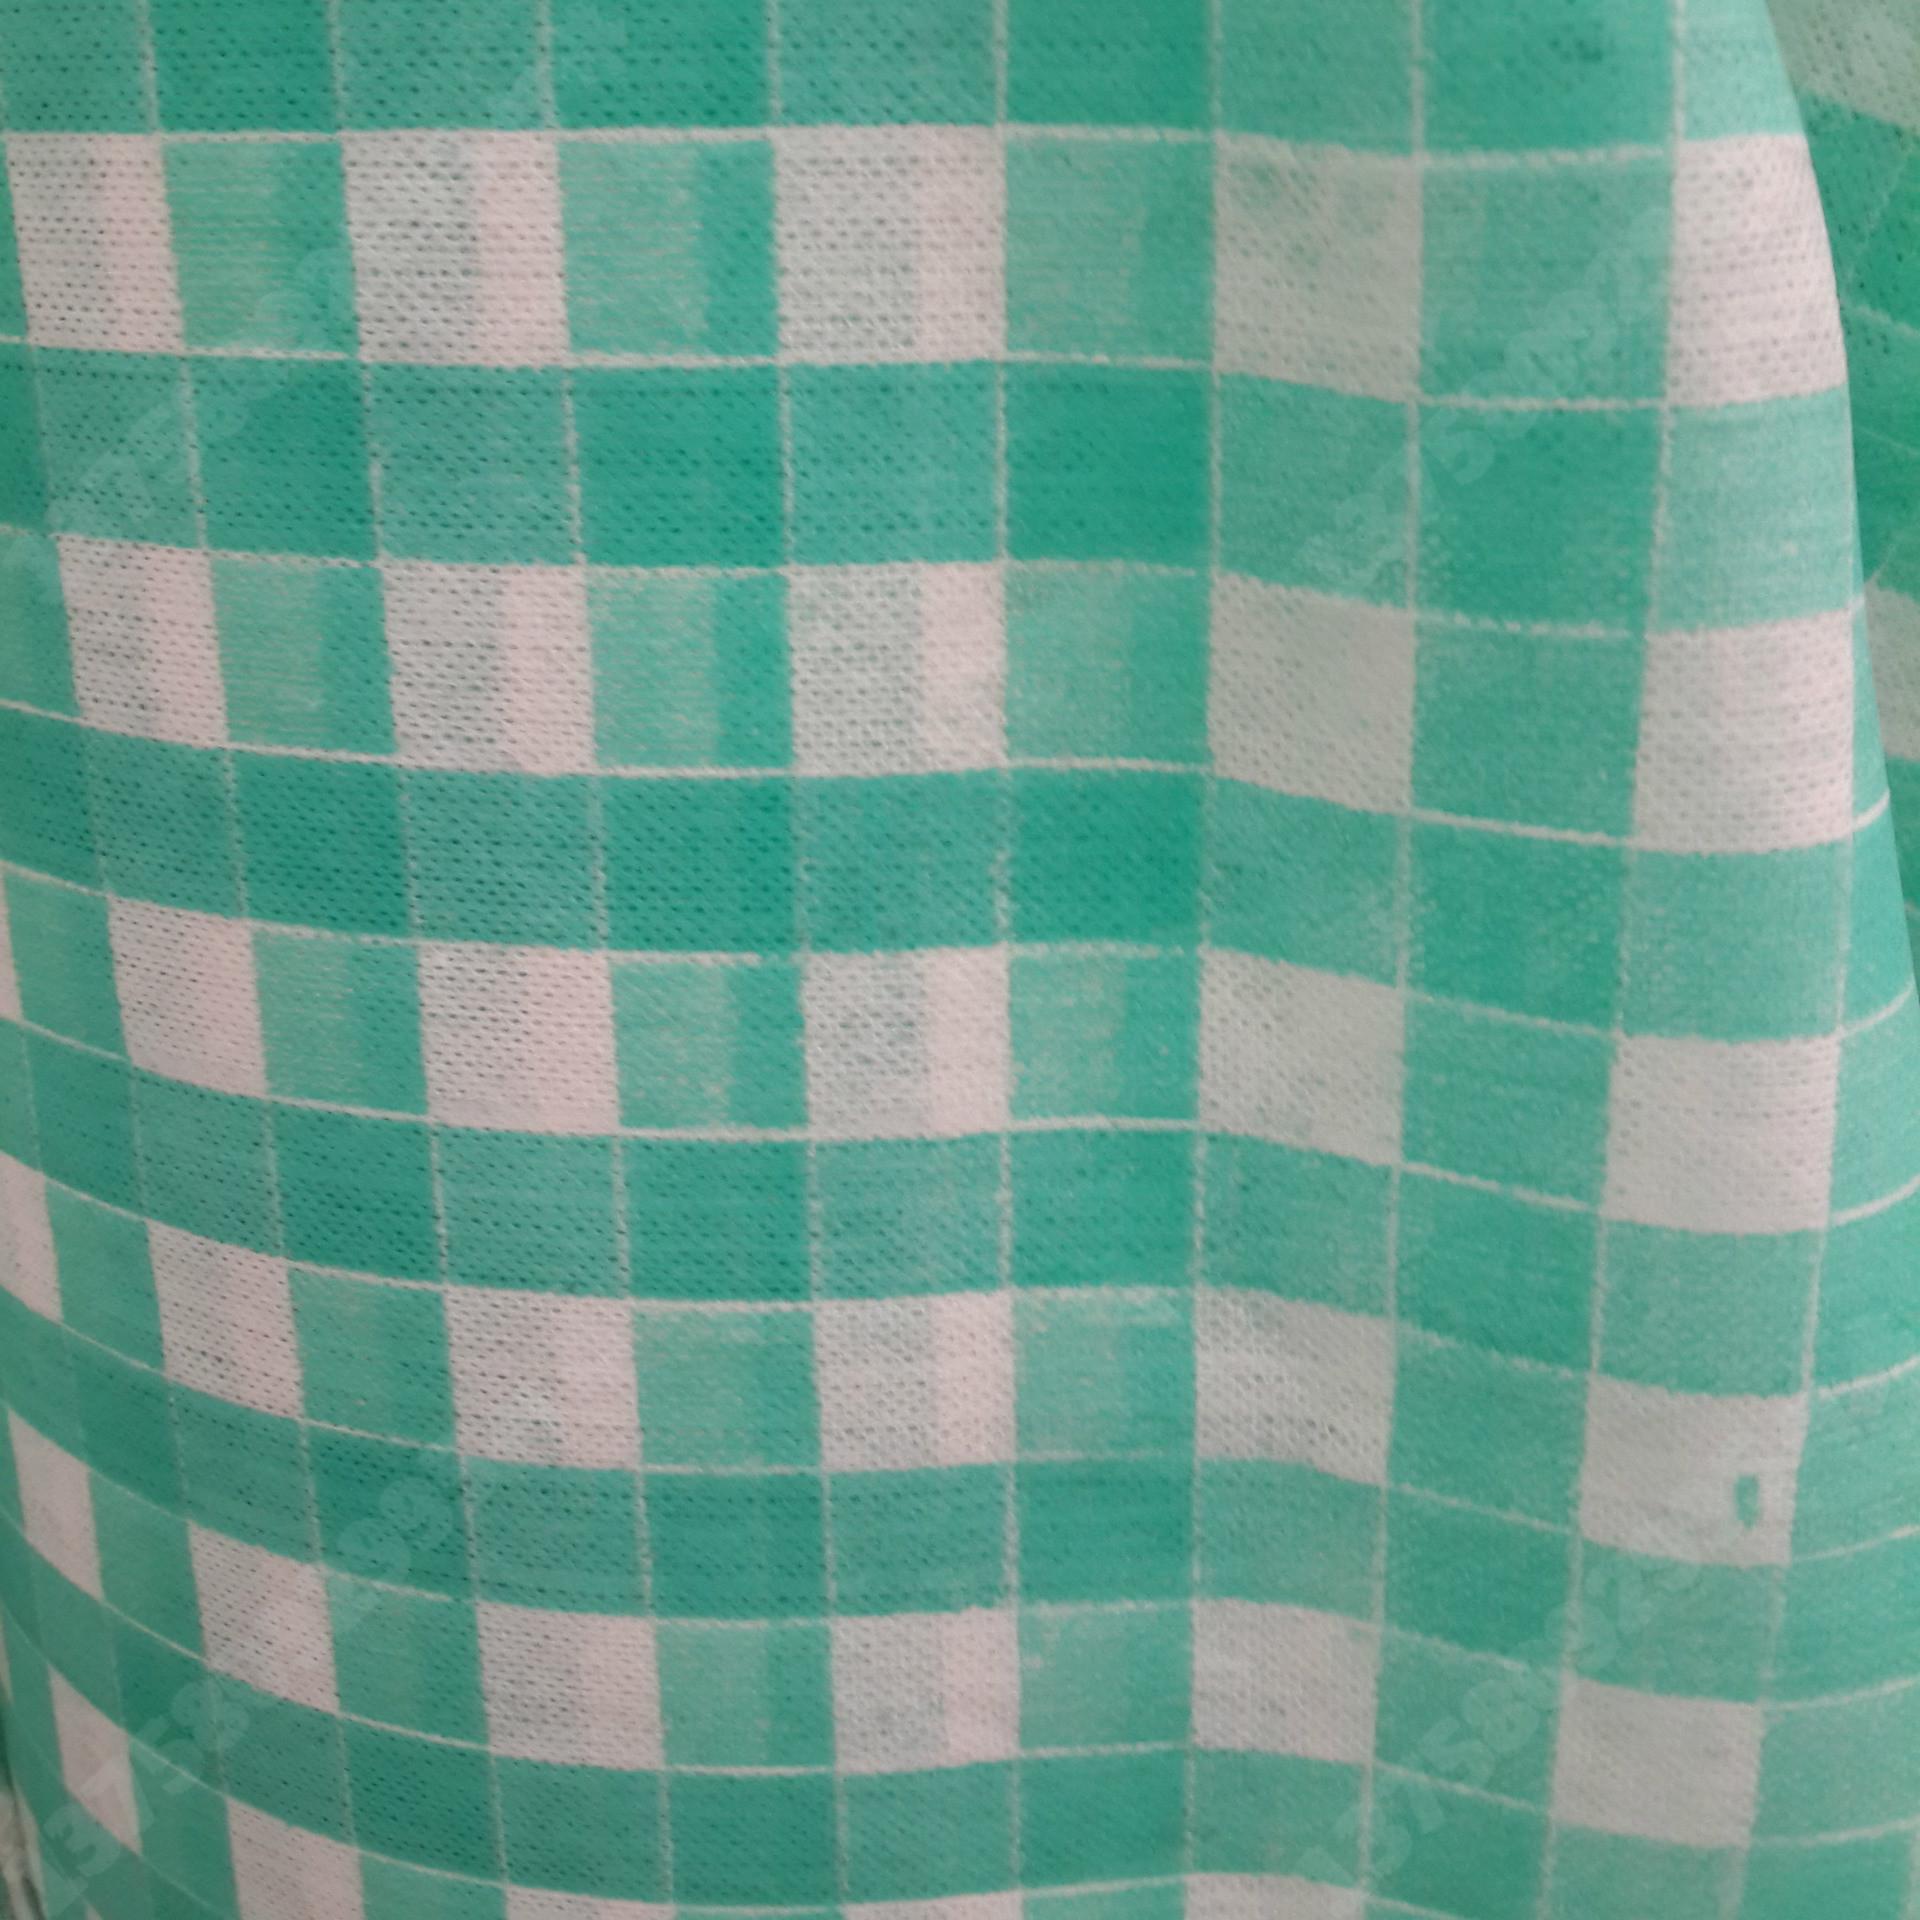 珍珠紋水刺布